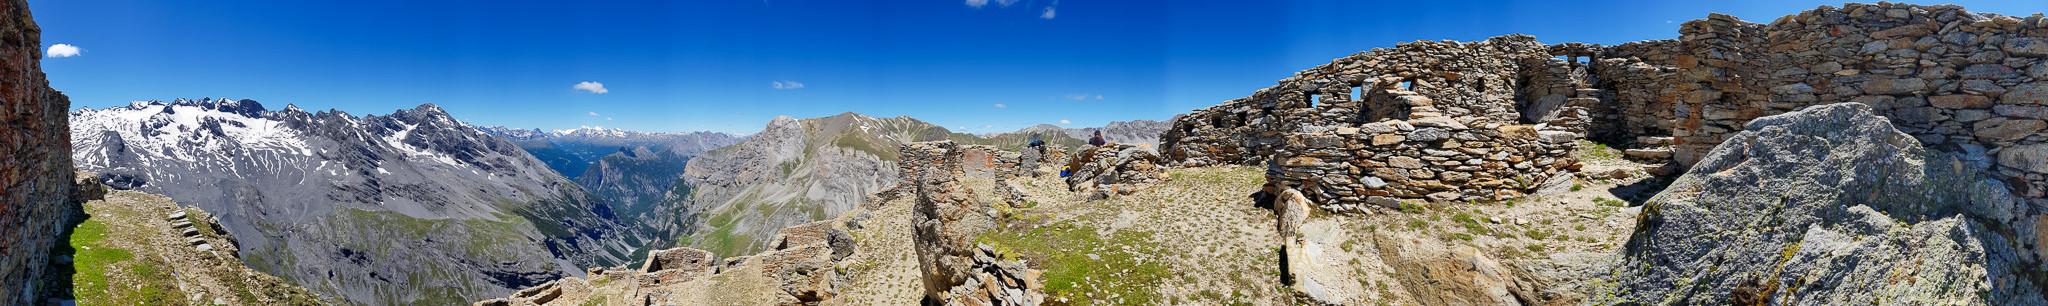 Panorama-ab-Filone-del-Mot.jpg